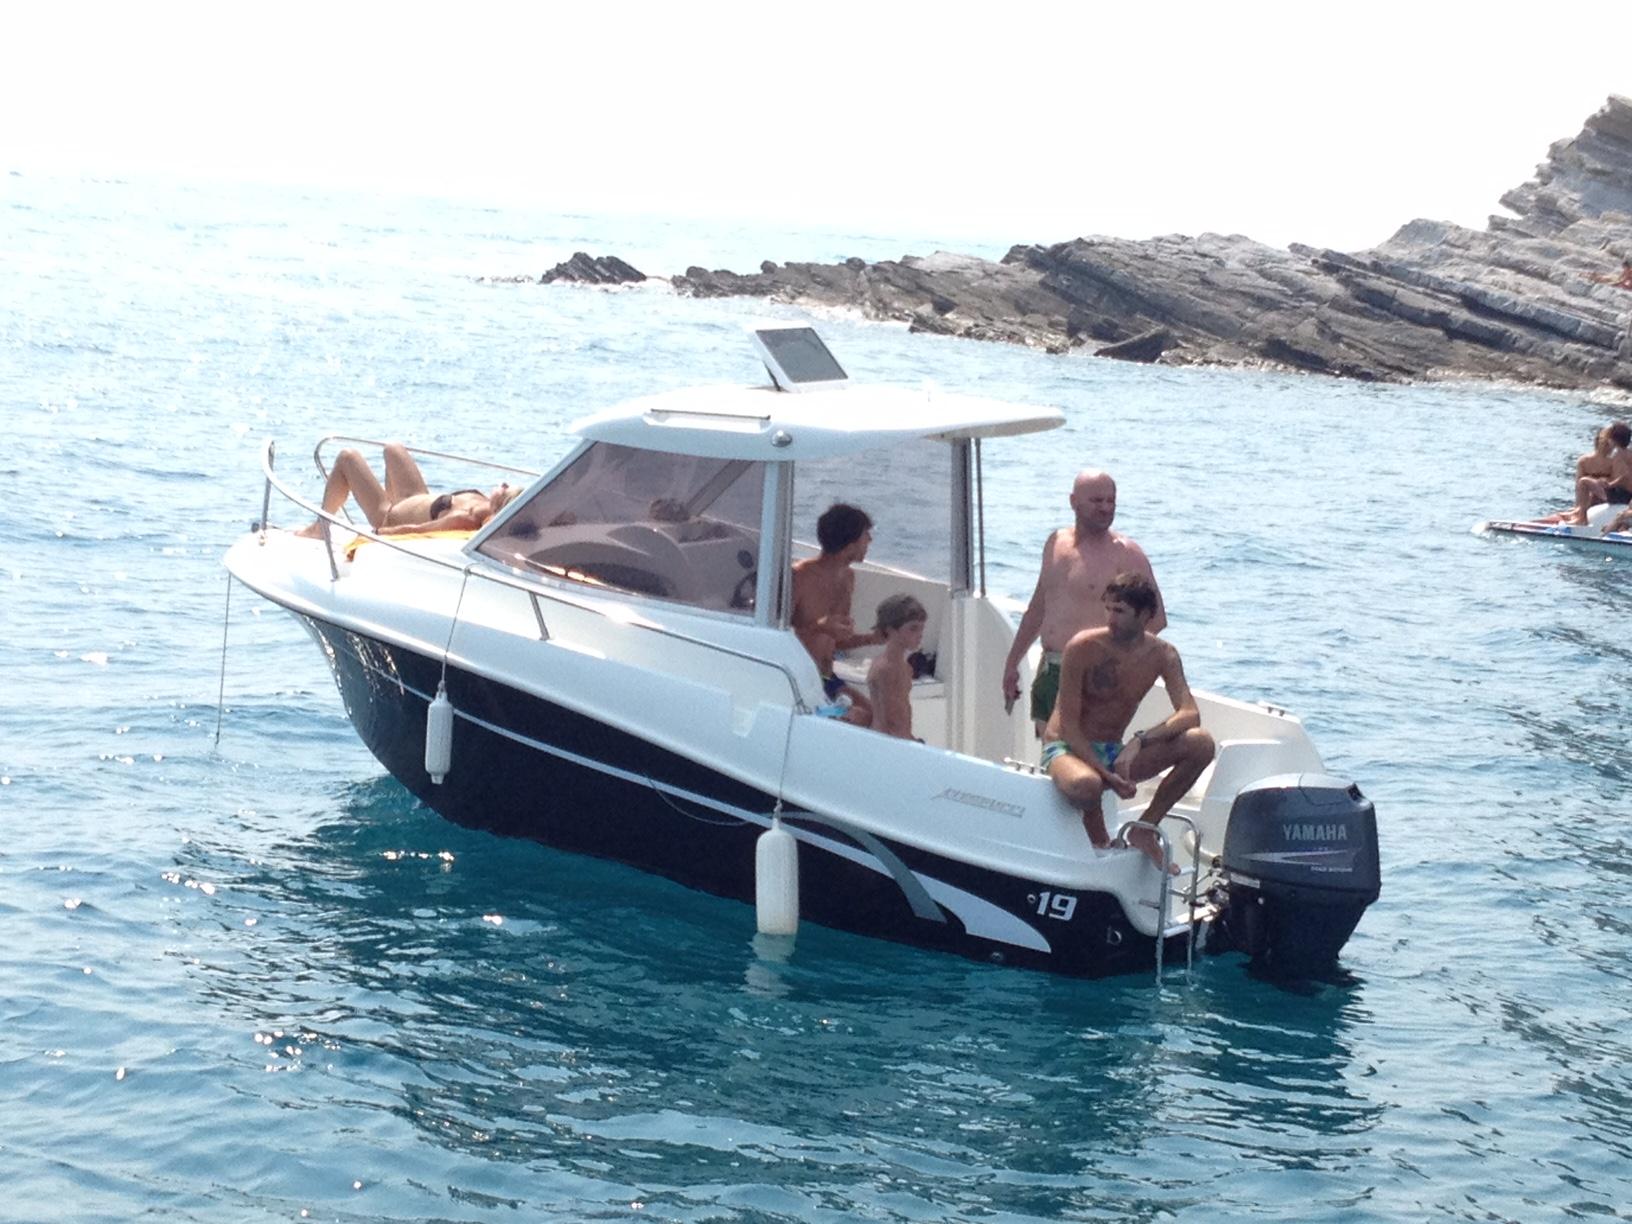 Noleggio barche senza patente nautica roccamare for Barca a vapore per barche da pesca